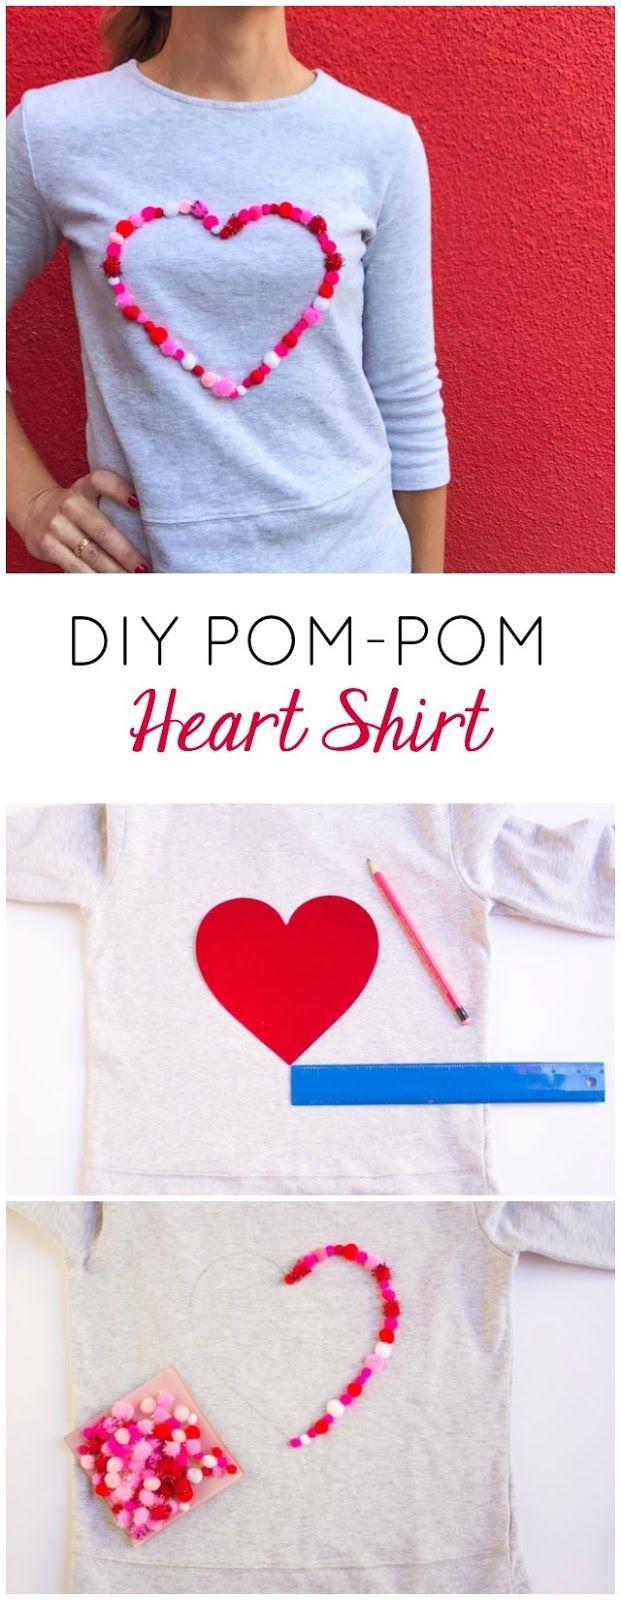 Heart design t shirt - Diy Pom Pom Heart Shirt